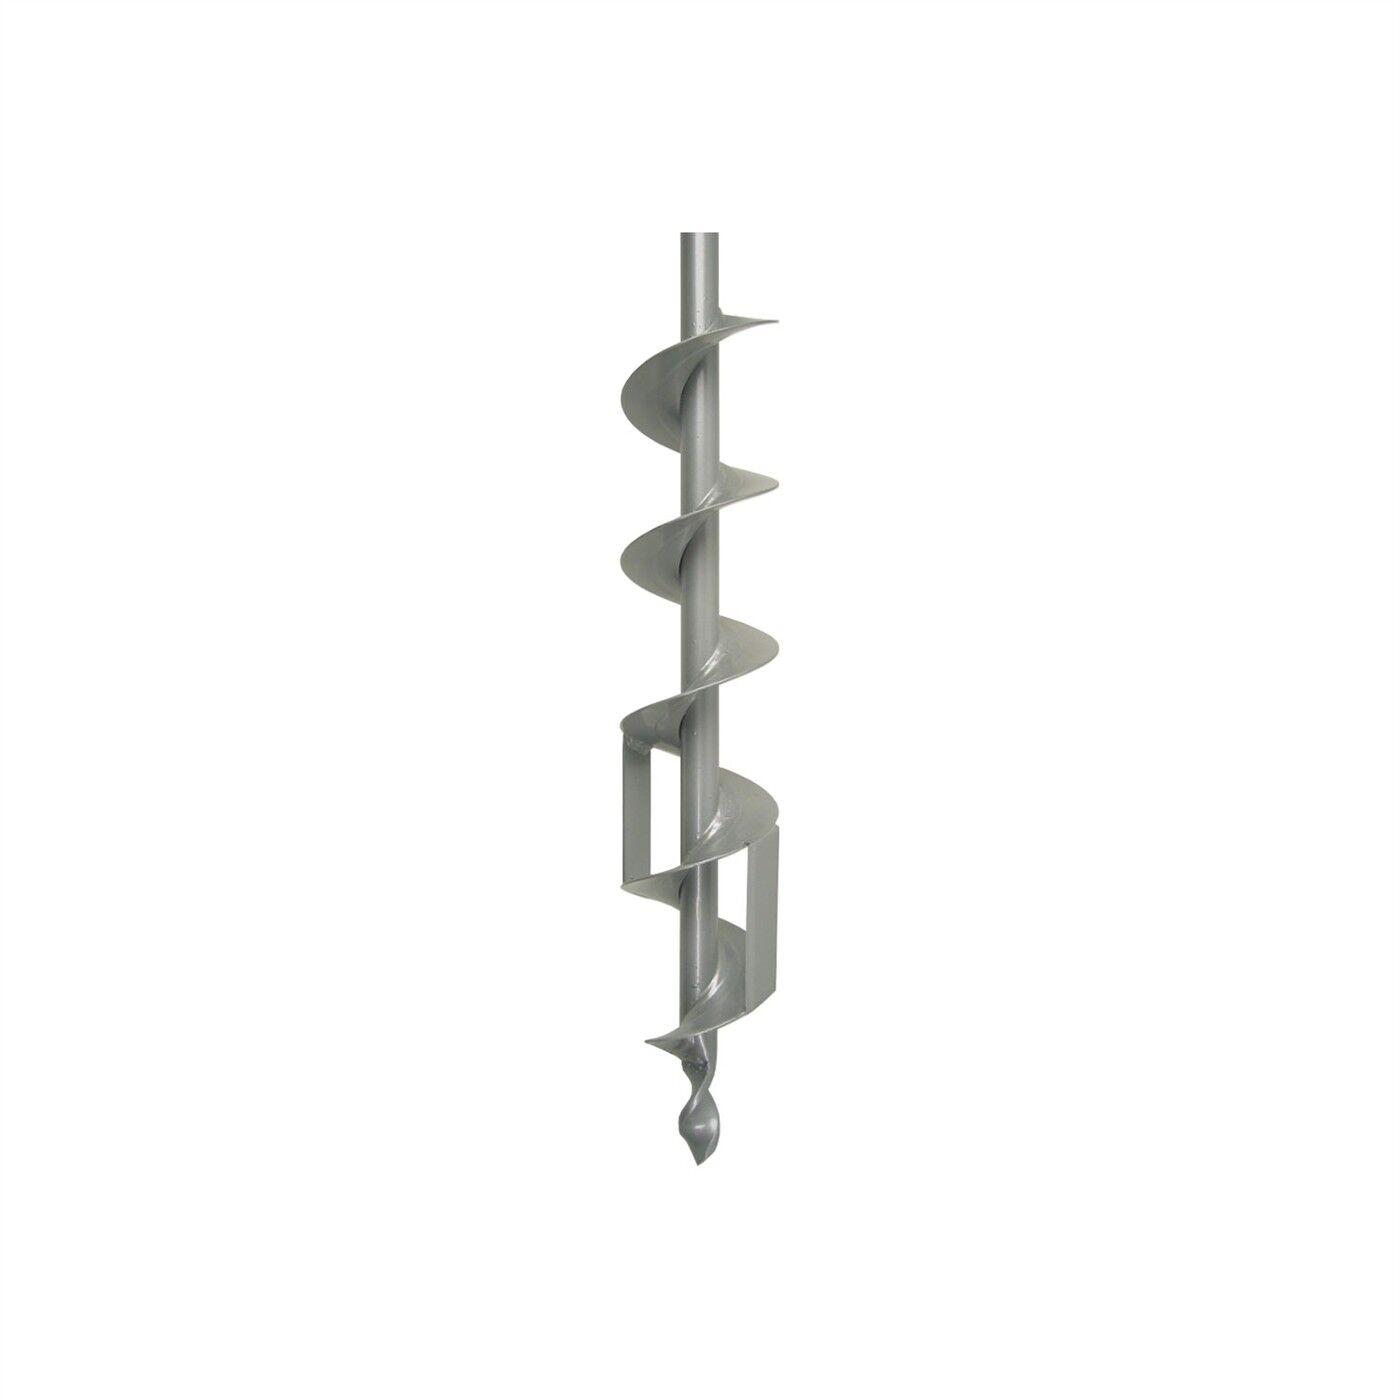 Erdbohrer 9cm Länge 106cm Zaunbau Weidezaun Pfähle Elektrozaun Handbohrer Handbohrer Handbohrer | Niedrige Kosten  | Authentische Garantie  c88f3a